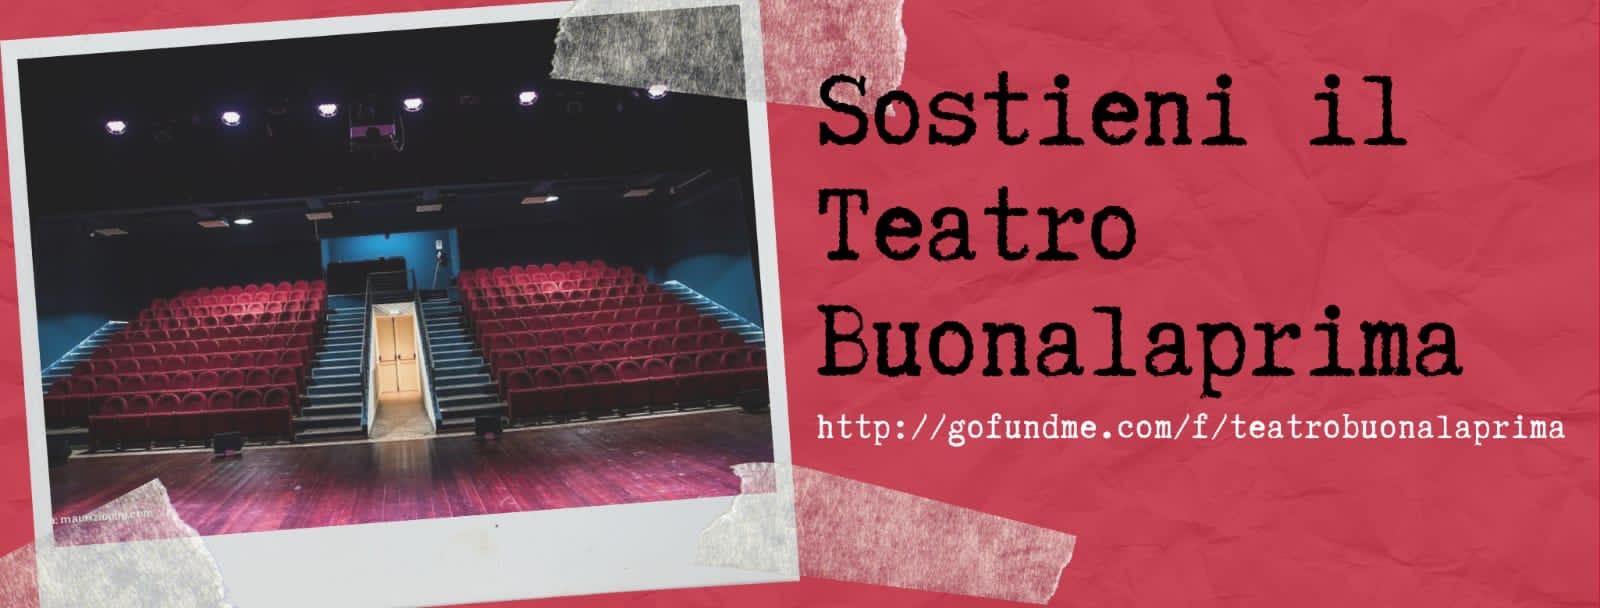 Una raccolta per sostenere il Teatro Buonalaprima e non perdere un patrimonio culturale